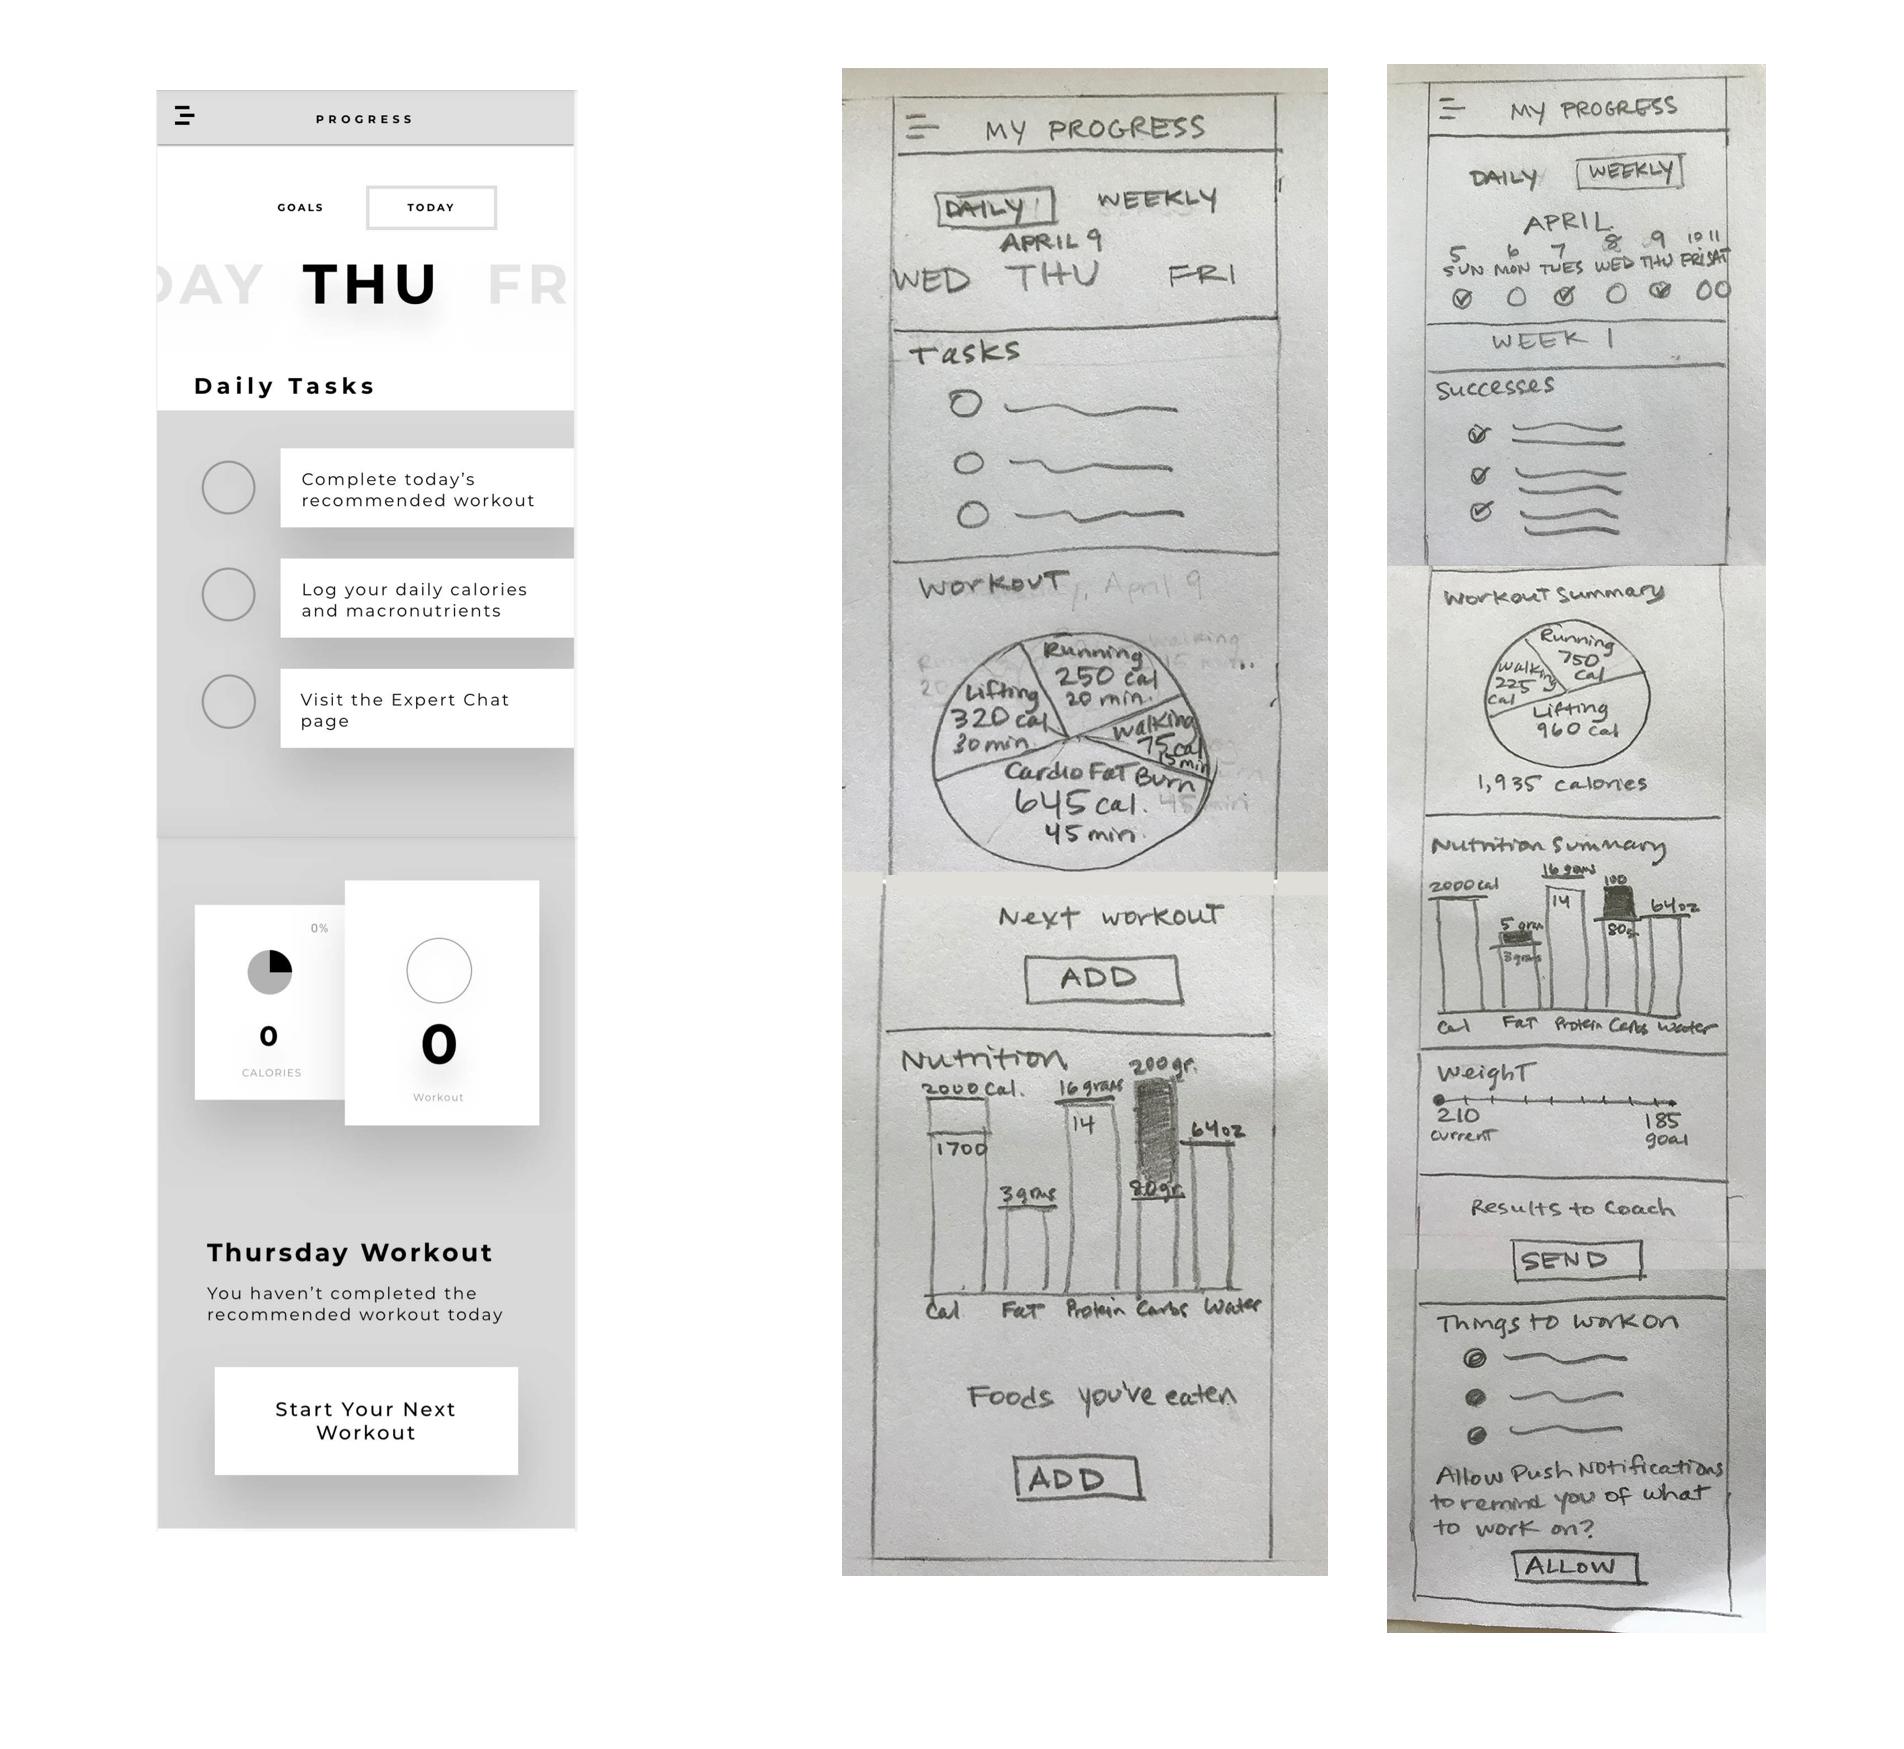 UX/UI, Product Design